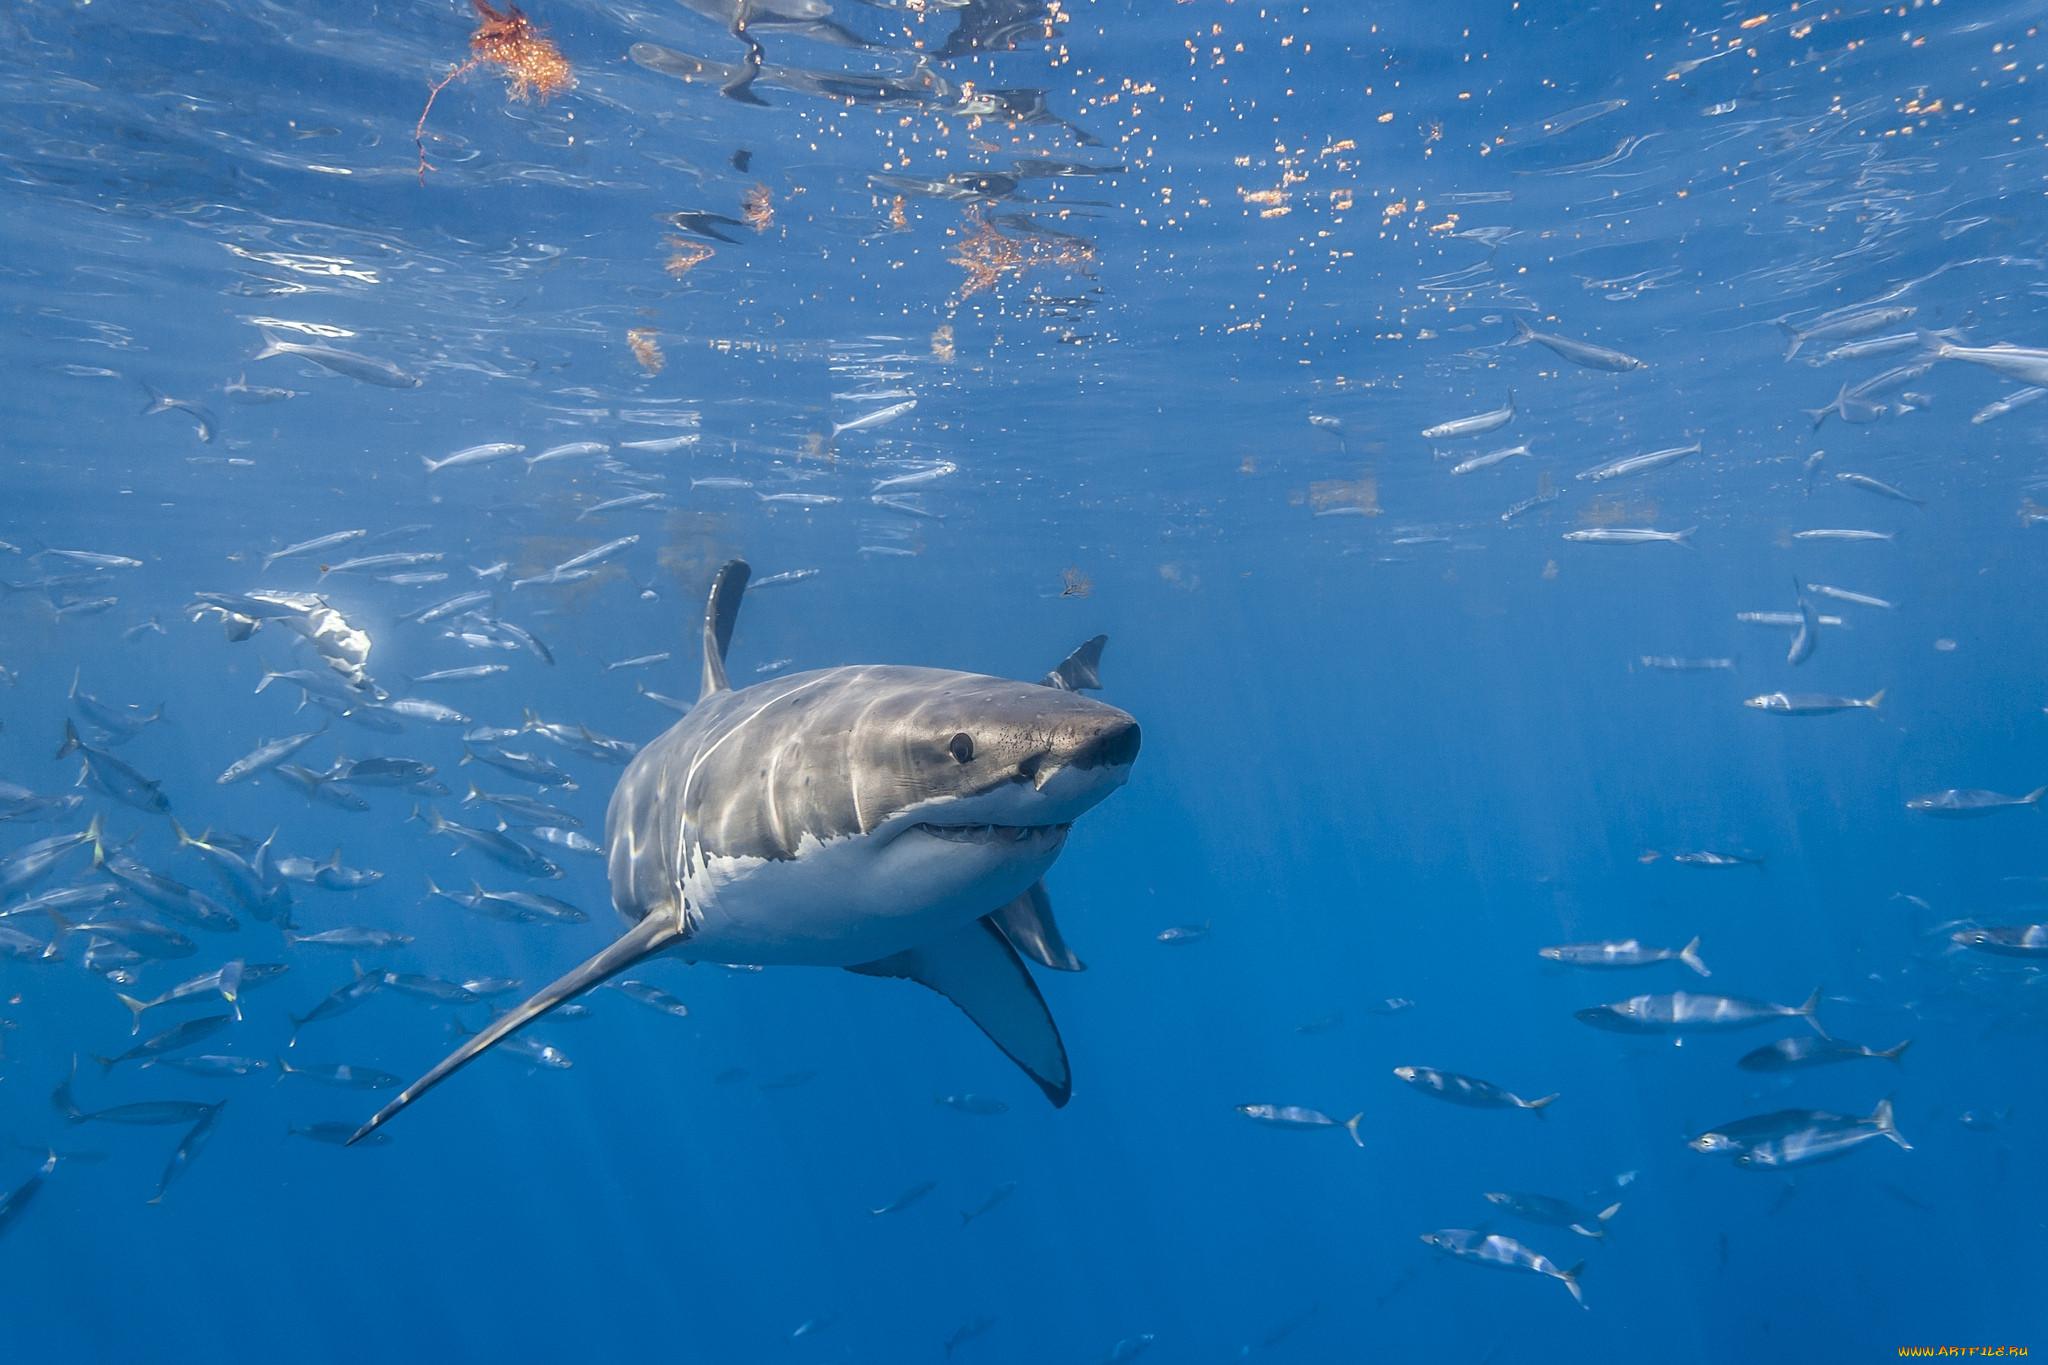 буровая установка картинки акул на поверхности океана камеры